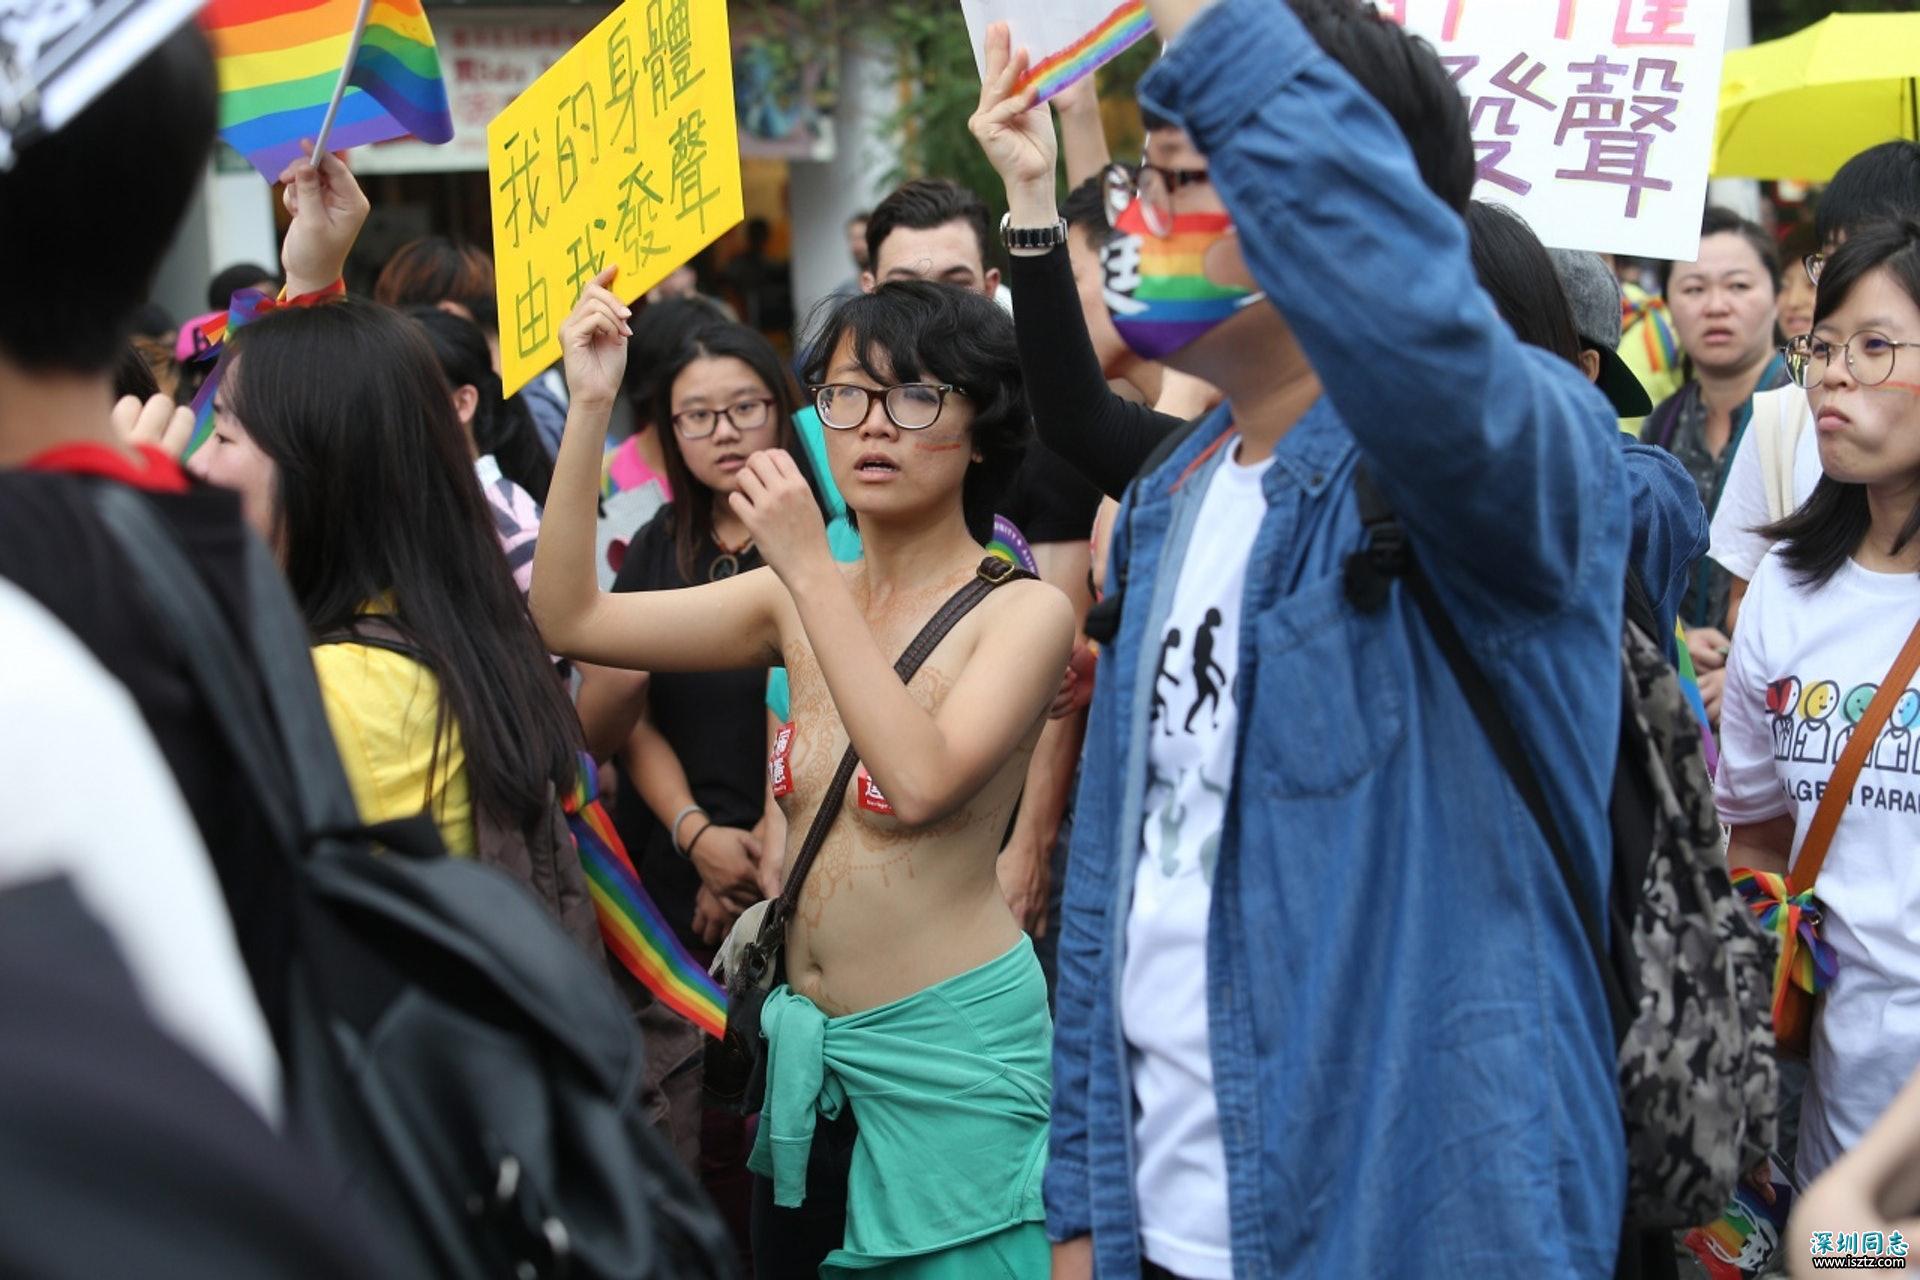 去年11月,同性婚姻問題在台灣爭議激烈。一名國中女教師上半身只貼胸貼參與遊行,以行動爭取婚姻平權;另有異性戀夫妻帶小孩走上街頭,力挺同性婚姻合法化。近日台灣總統蔡英文接見挺同婚與反同婚雙方陣營,能否二讀通過《民法》修正案仍是未知之數。反方提出另立「同性伴侶法」就不需修改其他法例。但法務部最新委託研究報告中的「同性伴侶法」草案,也確實無法提供同志們稅法、訴訟法、社福等相關權益。(中央社)